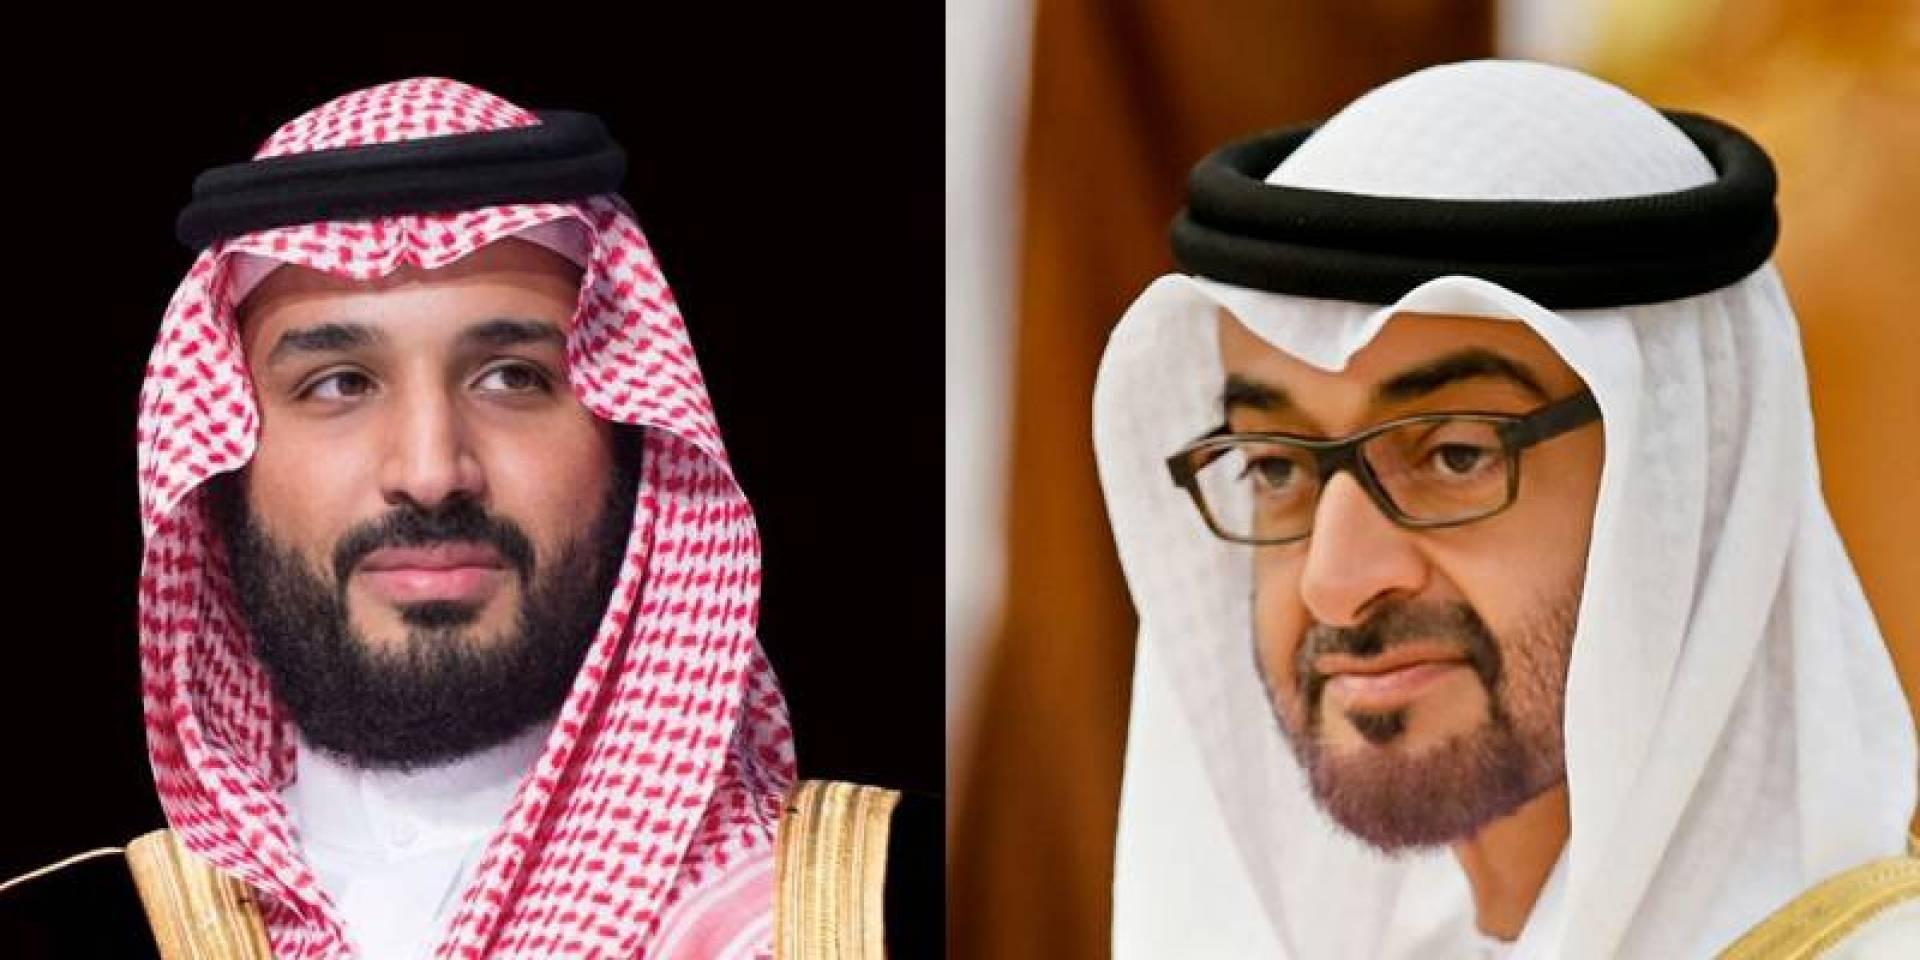 ولي عهد أبوظبي يدين الهجوم الإرهابي على أرامكو.. خلال اتصال هاتفي مع نظيره السعودي